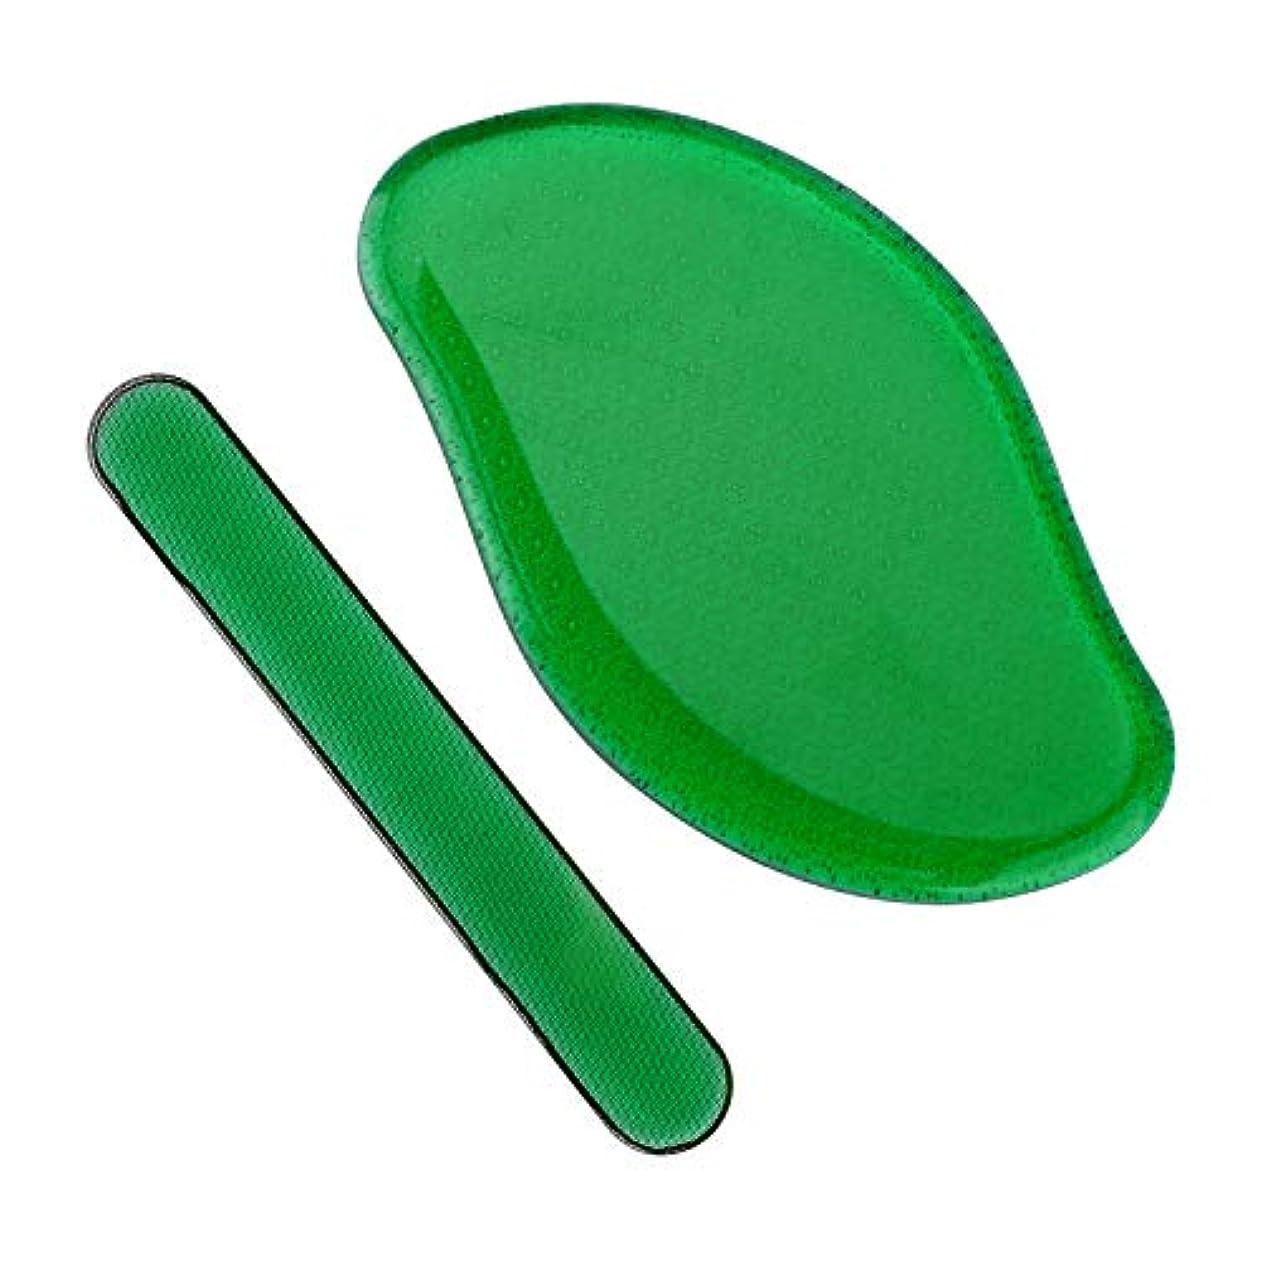 モーター優れました意図的Shinenail ガラス製 かかと 角質取り かかと削り ガラス 爪磨き付き かかとやすり かかと磨き 角質除去 足 角質ケア ヤスリ 足裏 踵 フットケア 丸洗いOK 爪磨き付き